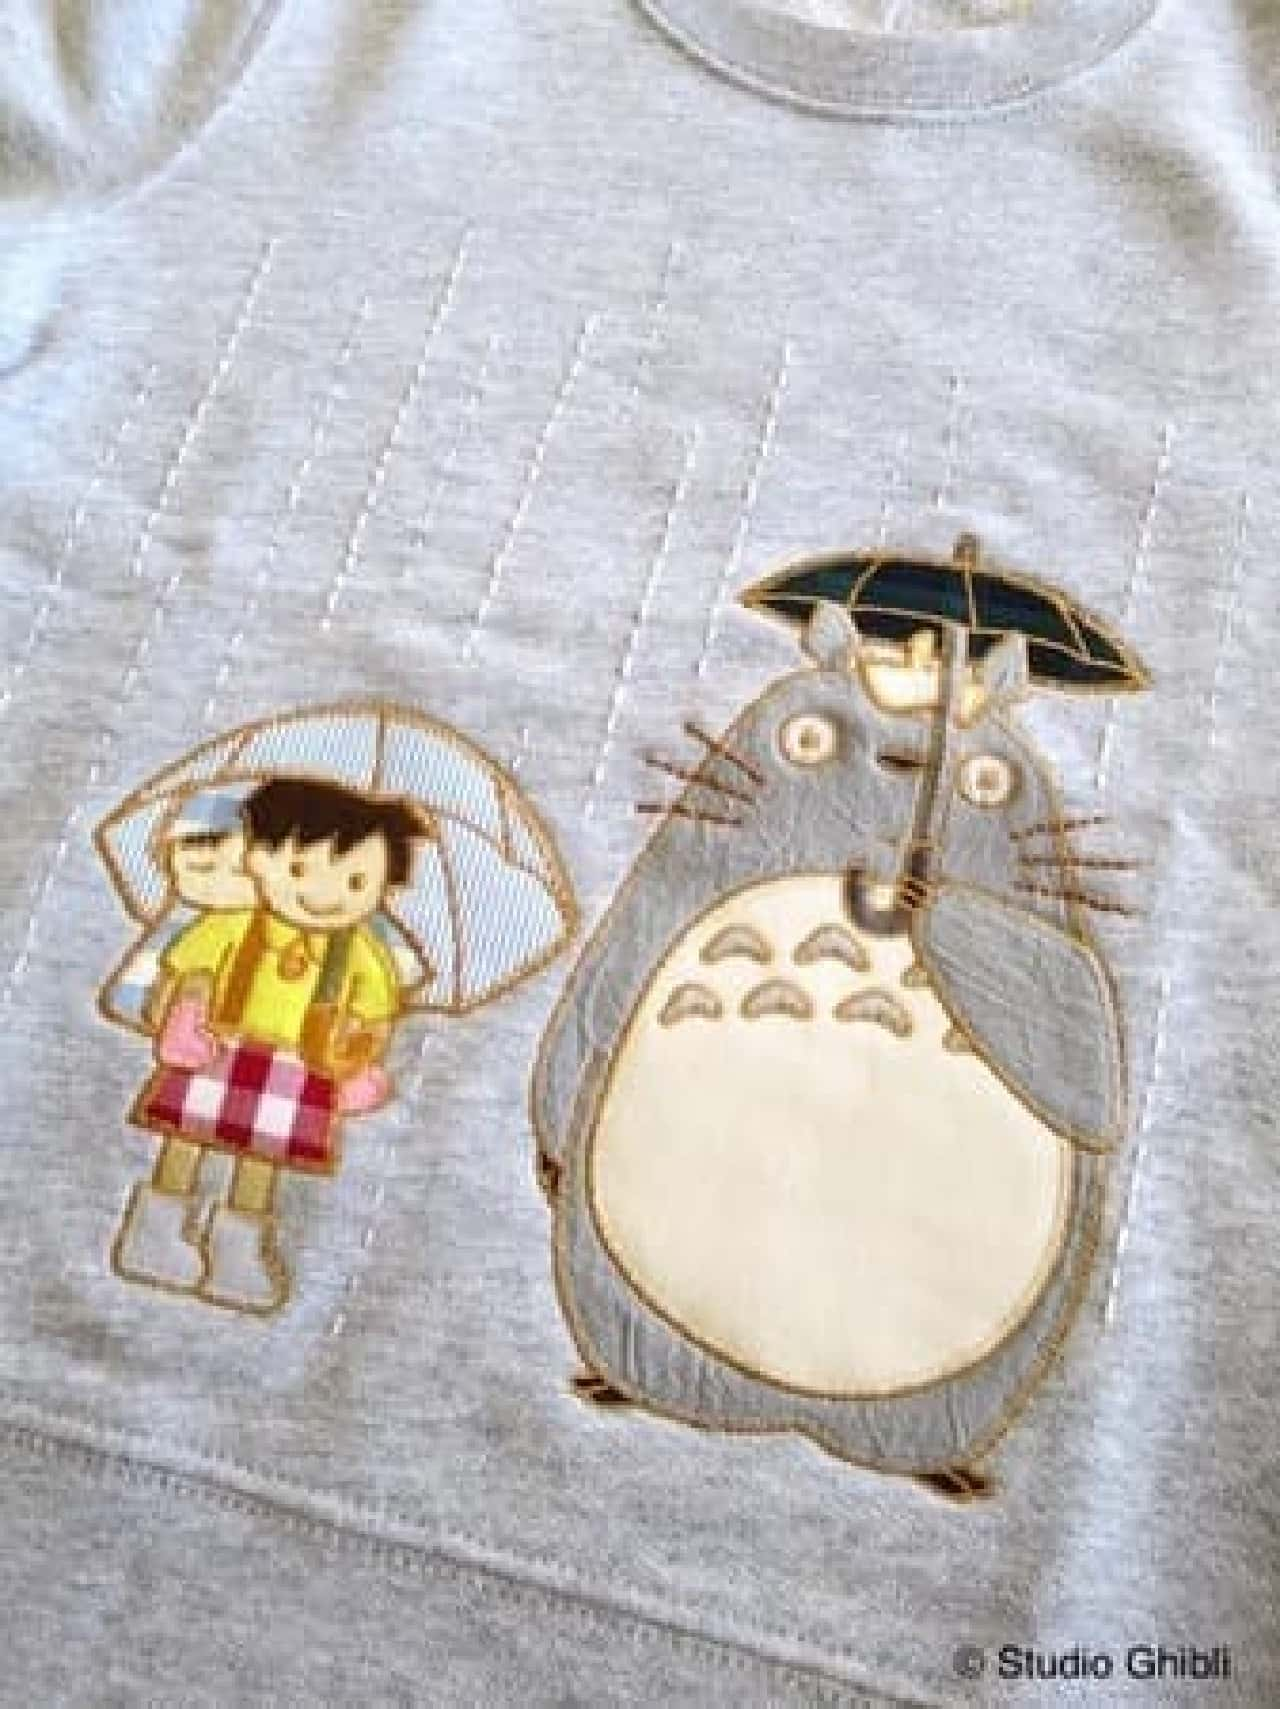 「スタジオジブリのあの服」の期間限定ショップがパルコに -- 刺繍や手縫いでジブリキャラクターを表現